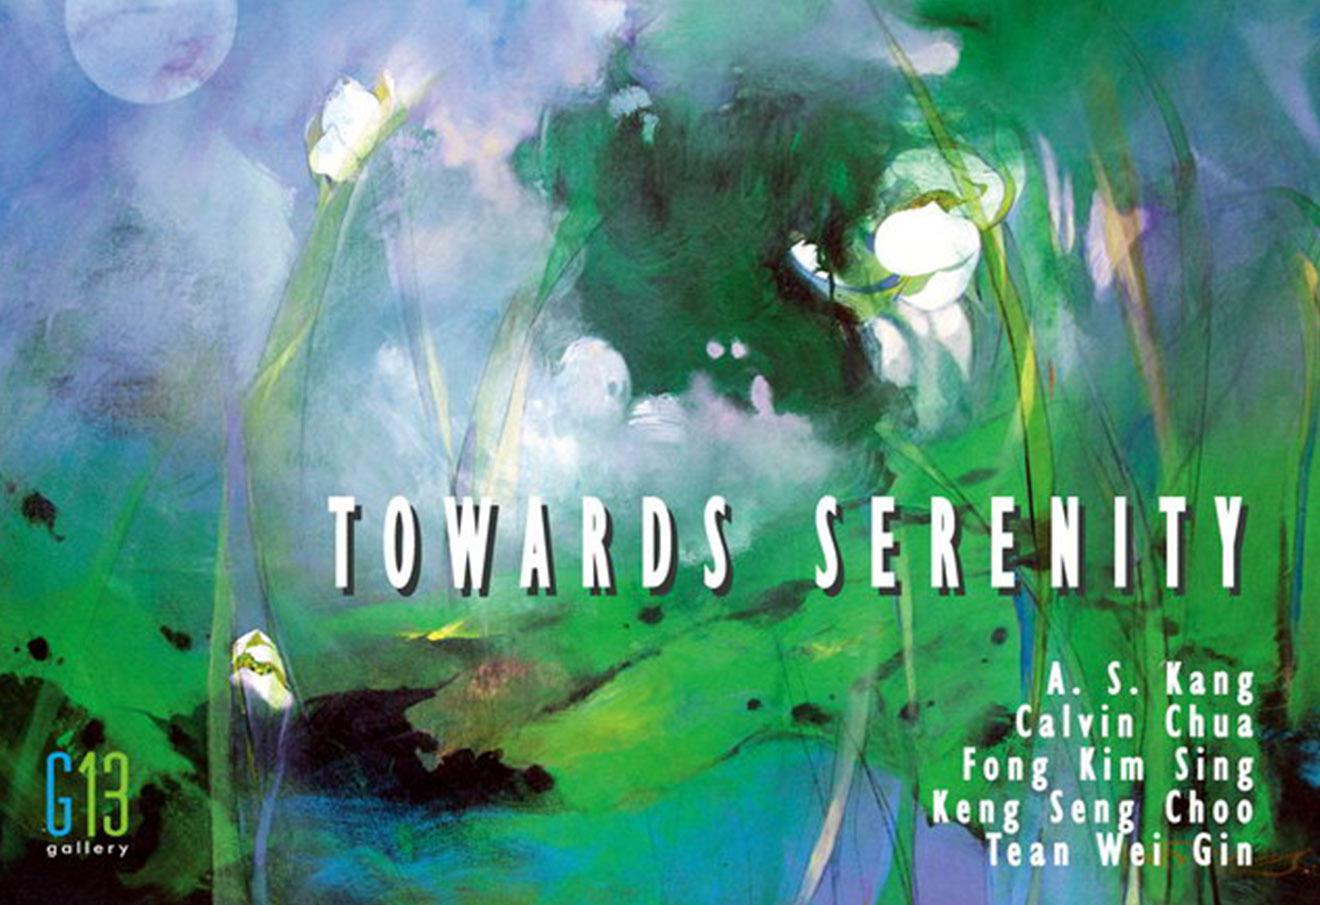 Towards Serenity